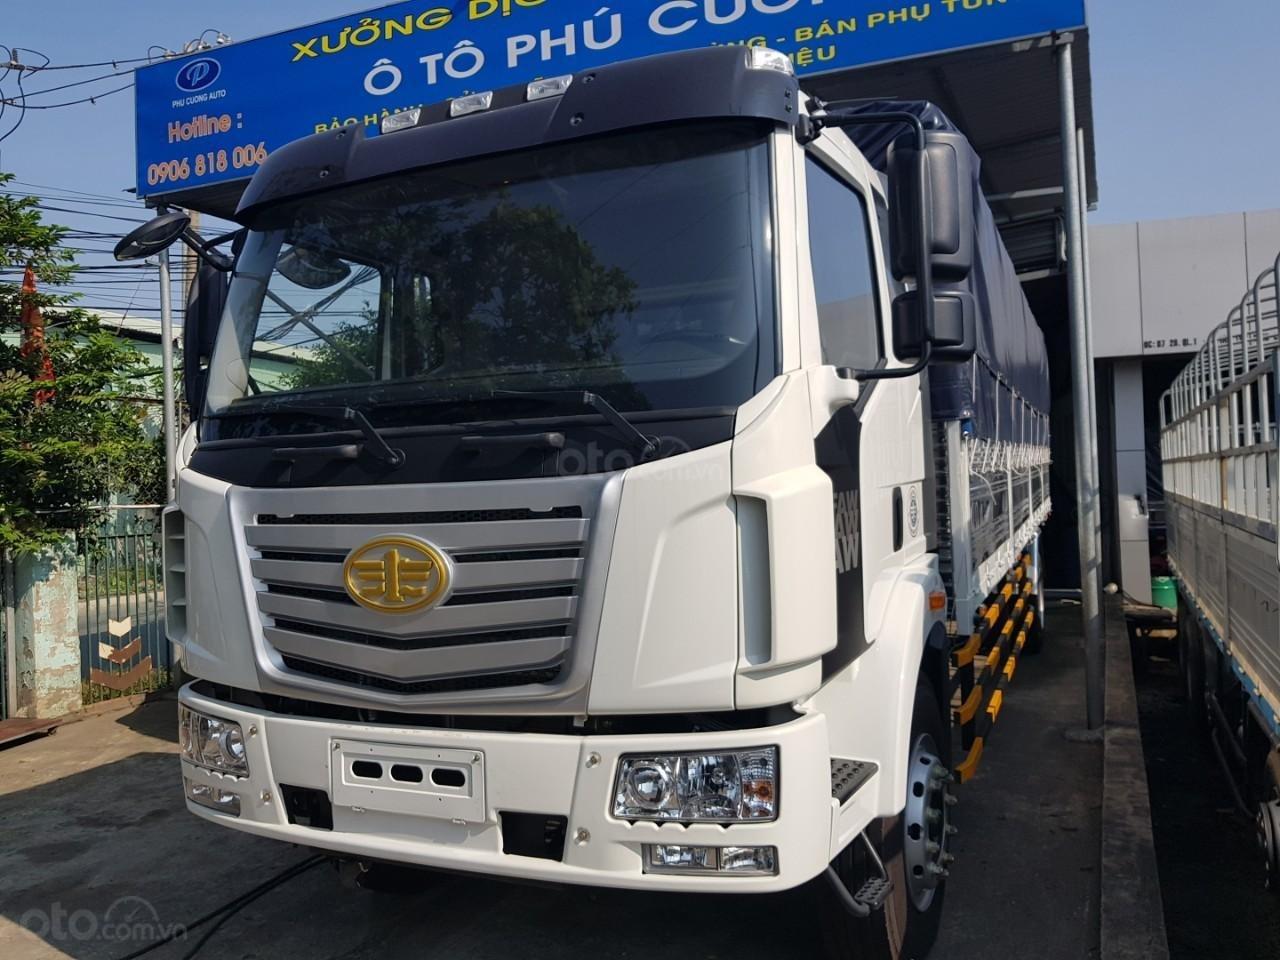 Bán xe tải FAW nhập 8T thùng 9m7 2019 - trả trước 250tr - xe có sẵn (1)